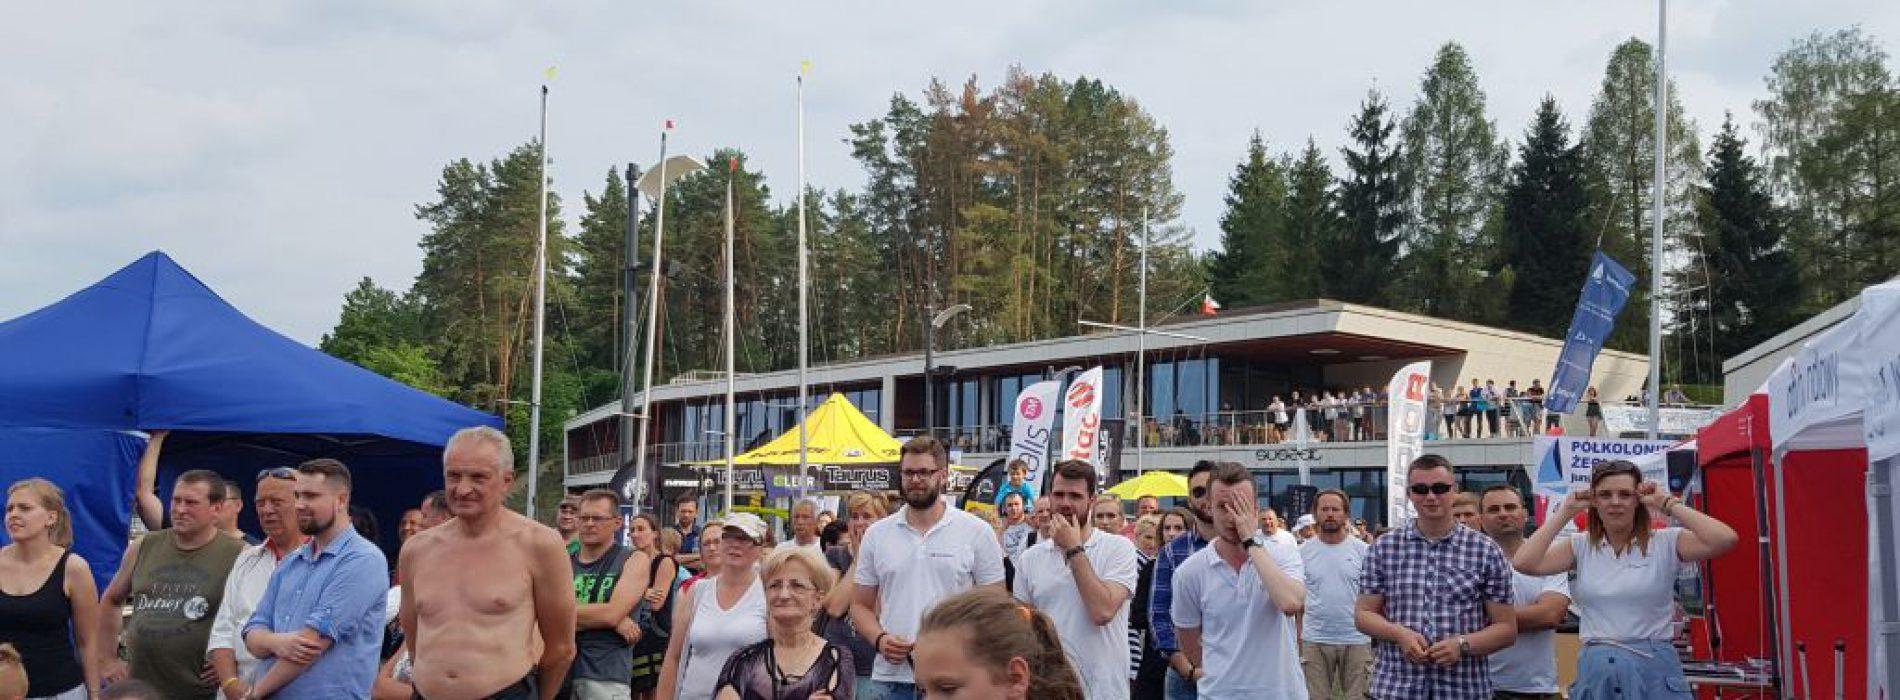 Trzy dni z łodziami – czyli Olsztyn pojawia się na mapie imprez żeglarskich